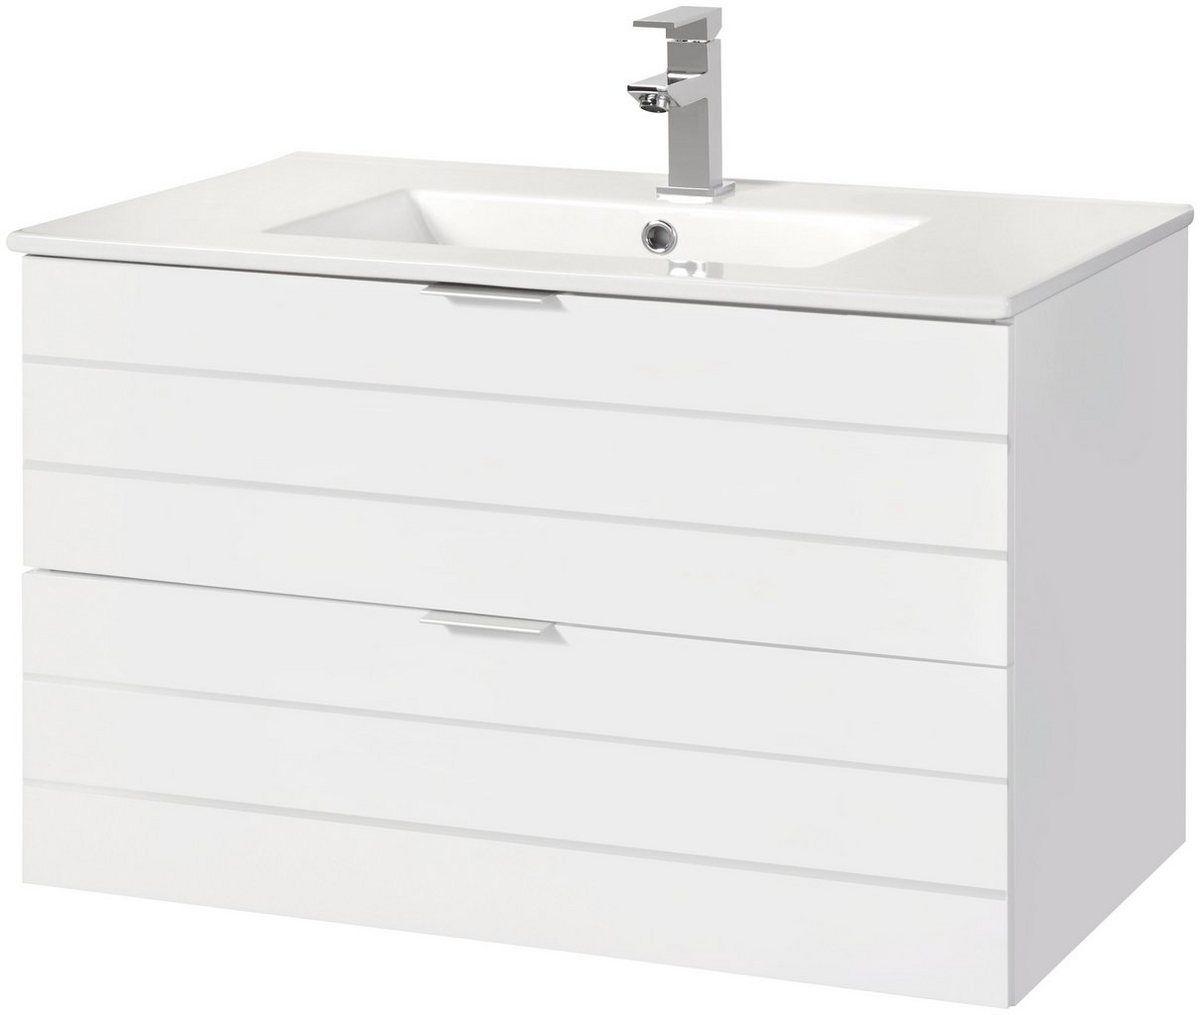 Waschtisch Luzern Waschplatz 80 Cm Breit Bad Set 2 Tlg Bad